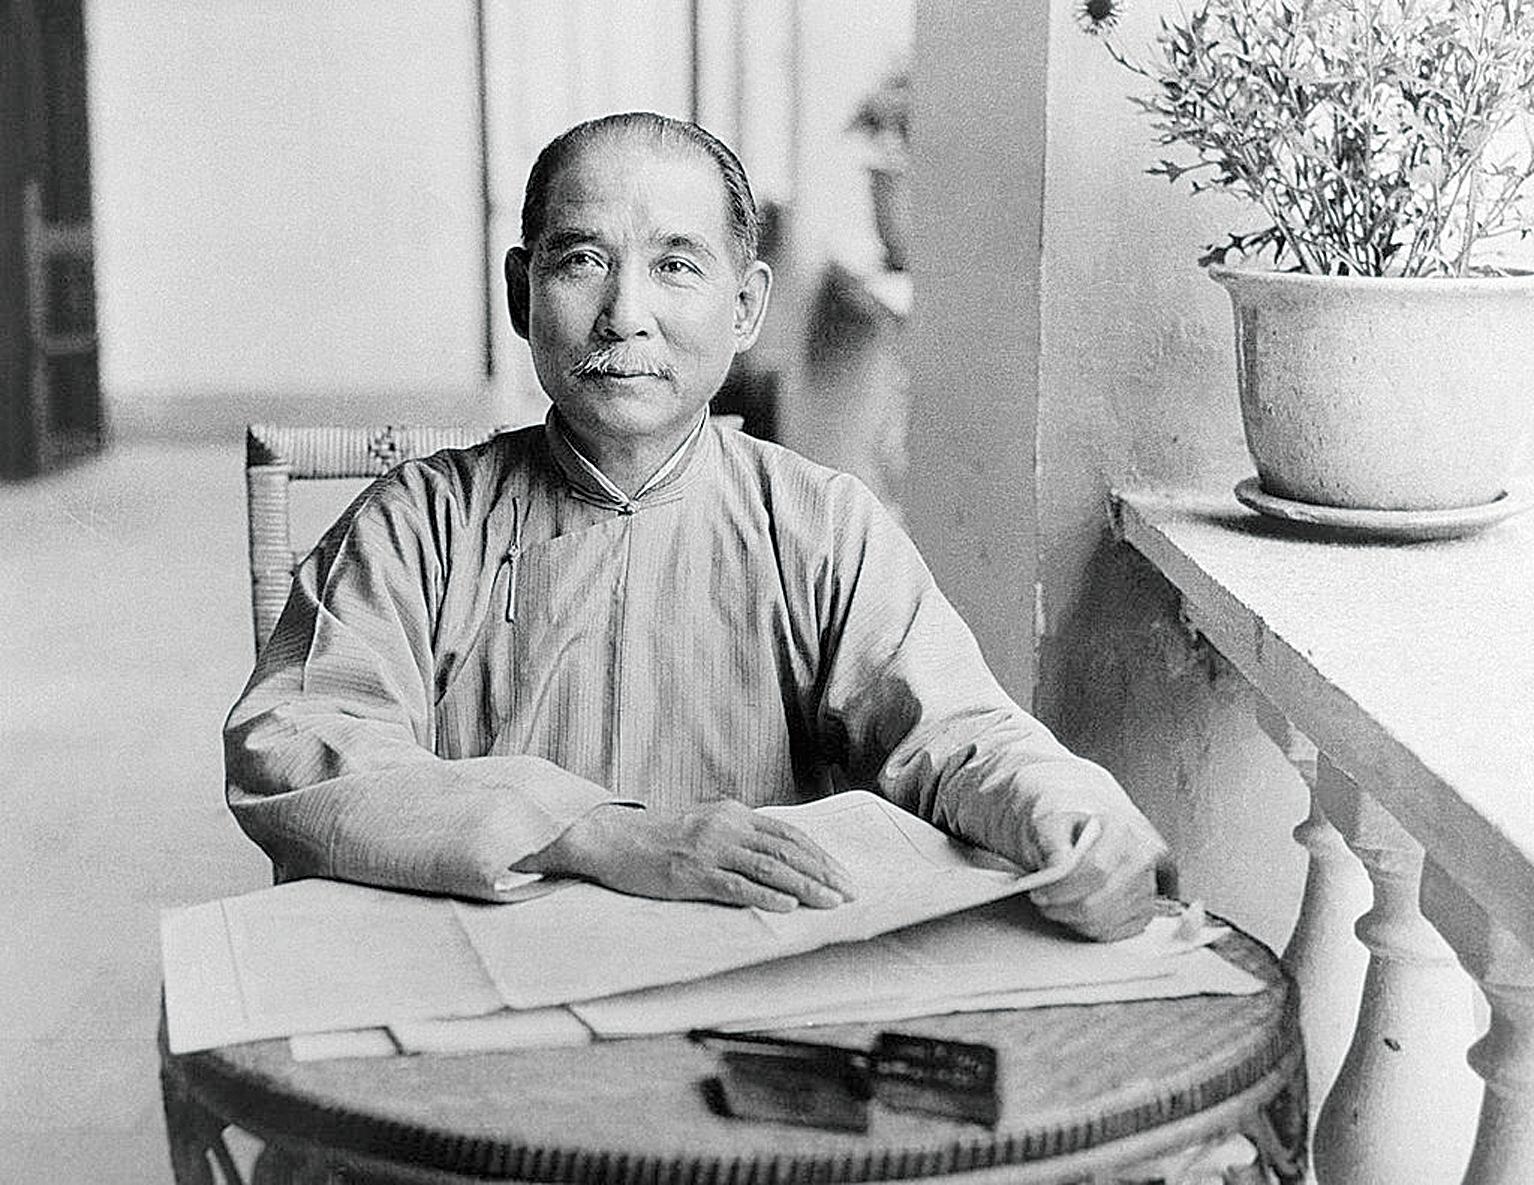 右圖:中華民國國父孫中山先生提出「民族、民權、民生」的三民主義思想。(Shutterstock)